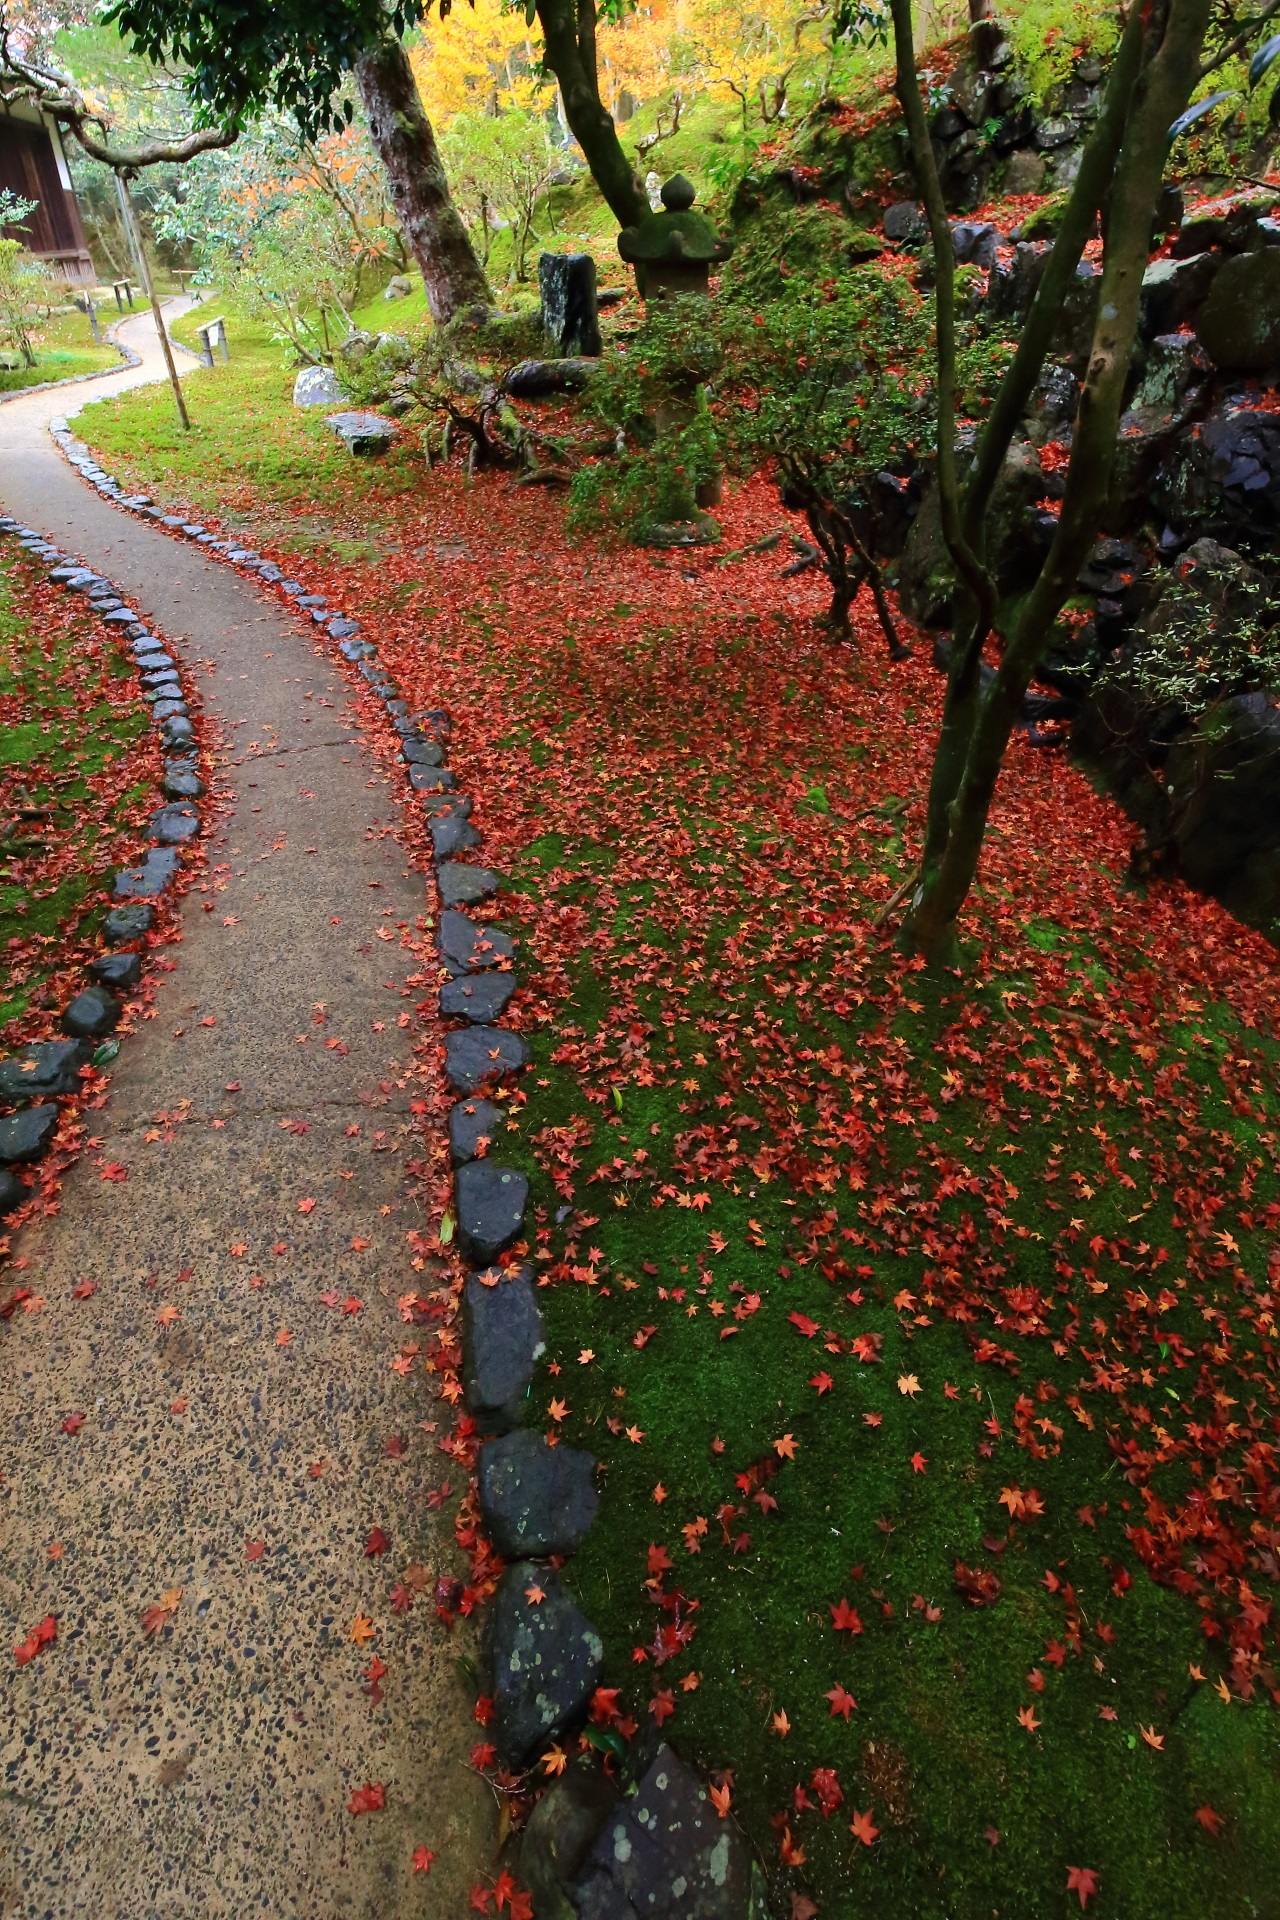 風情ある庭園を彩る絶品の散り紅葉